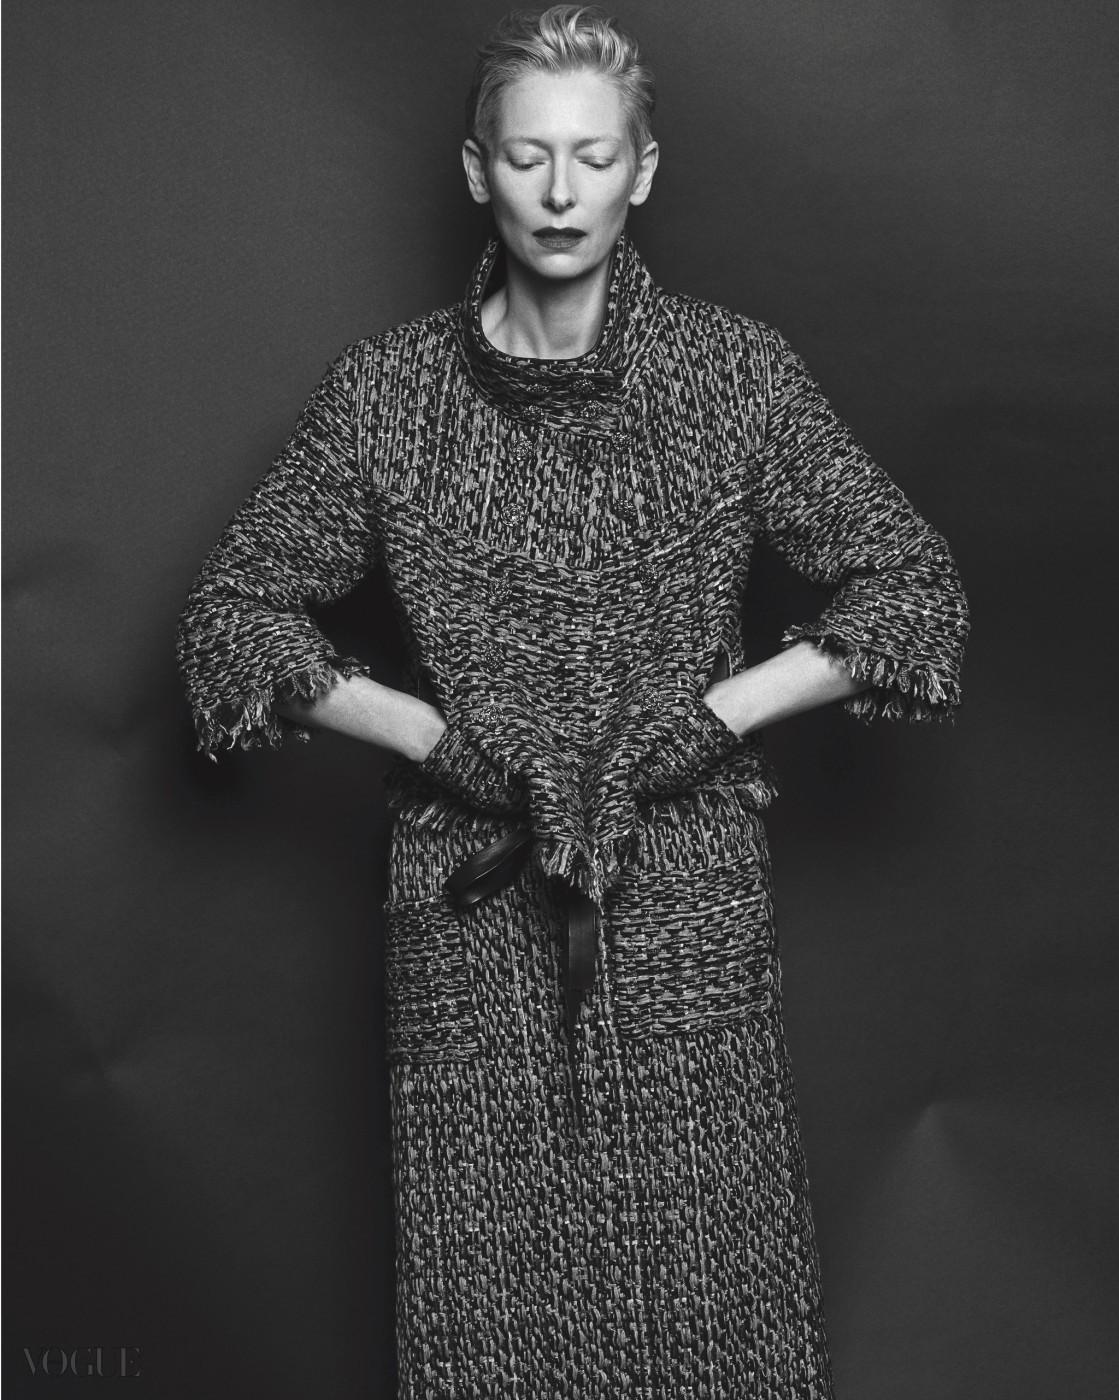 끝단의 올이 풀린 트위드 소재 재킷과 에이프런 스타일의 롱스커트, 리본 장식 슈즈는 모두 샤넬(Chanel).